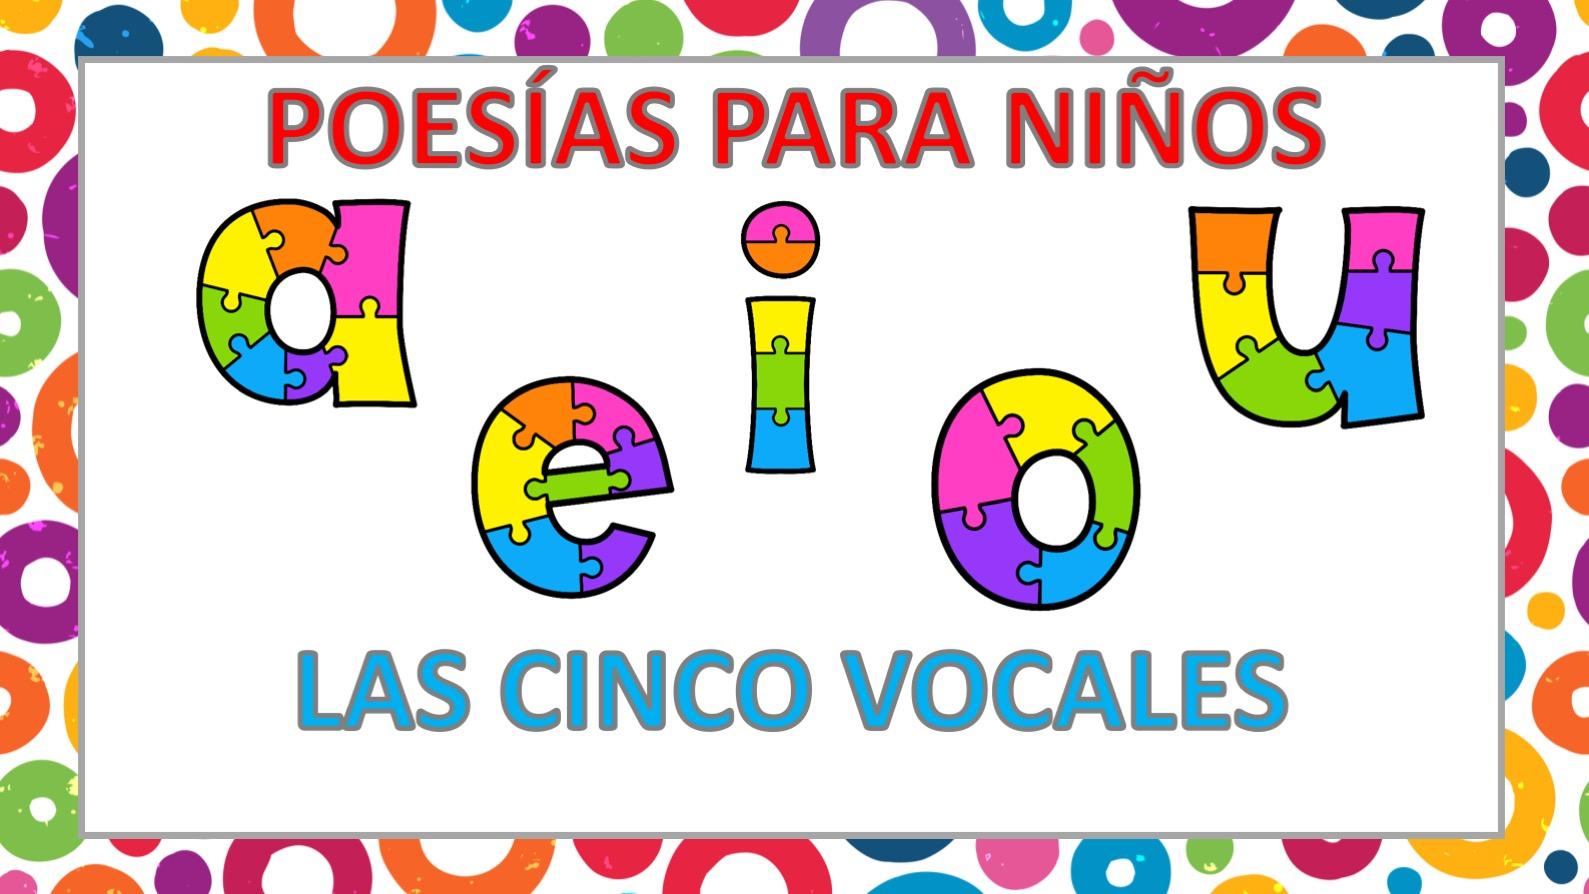 Poesia De Las Vocales: APRENDEMOS LAS CINCO VOCALES POEMA DE CARLOS REVIEJO1